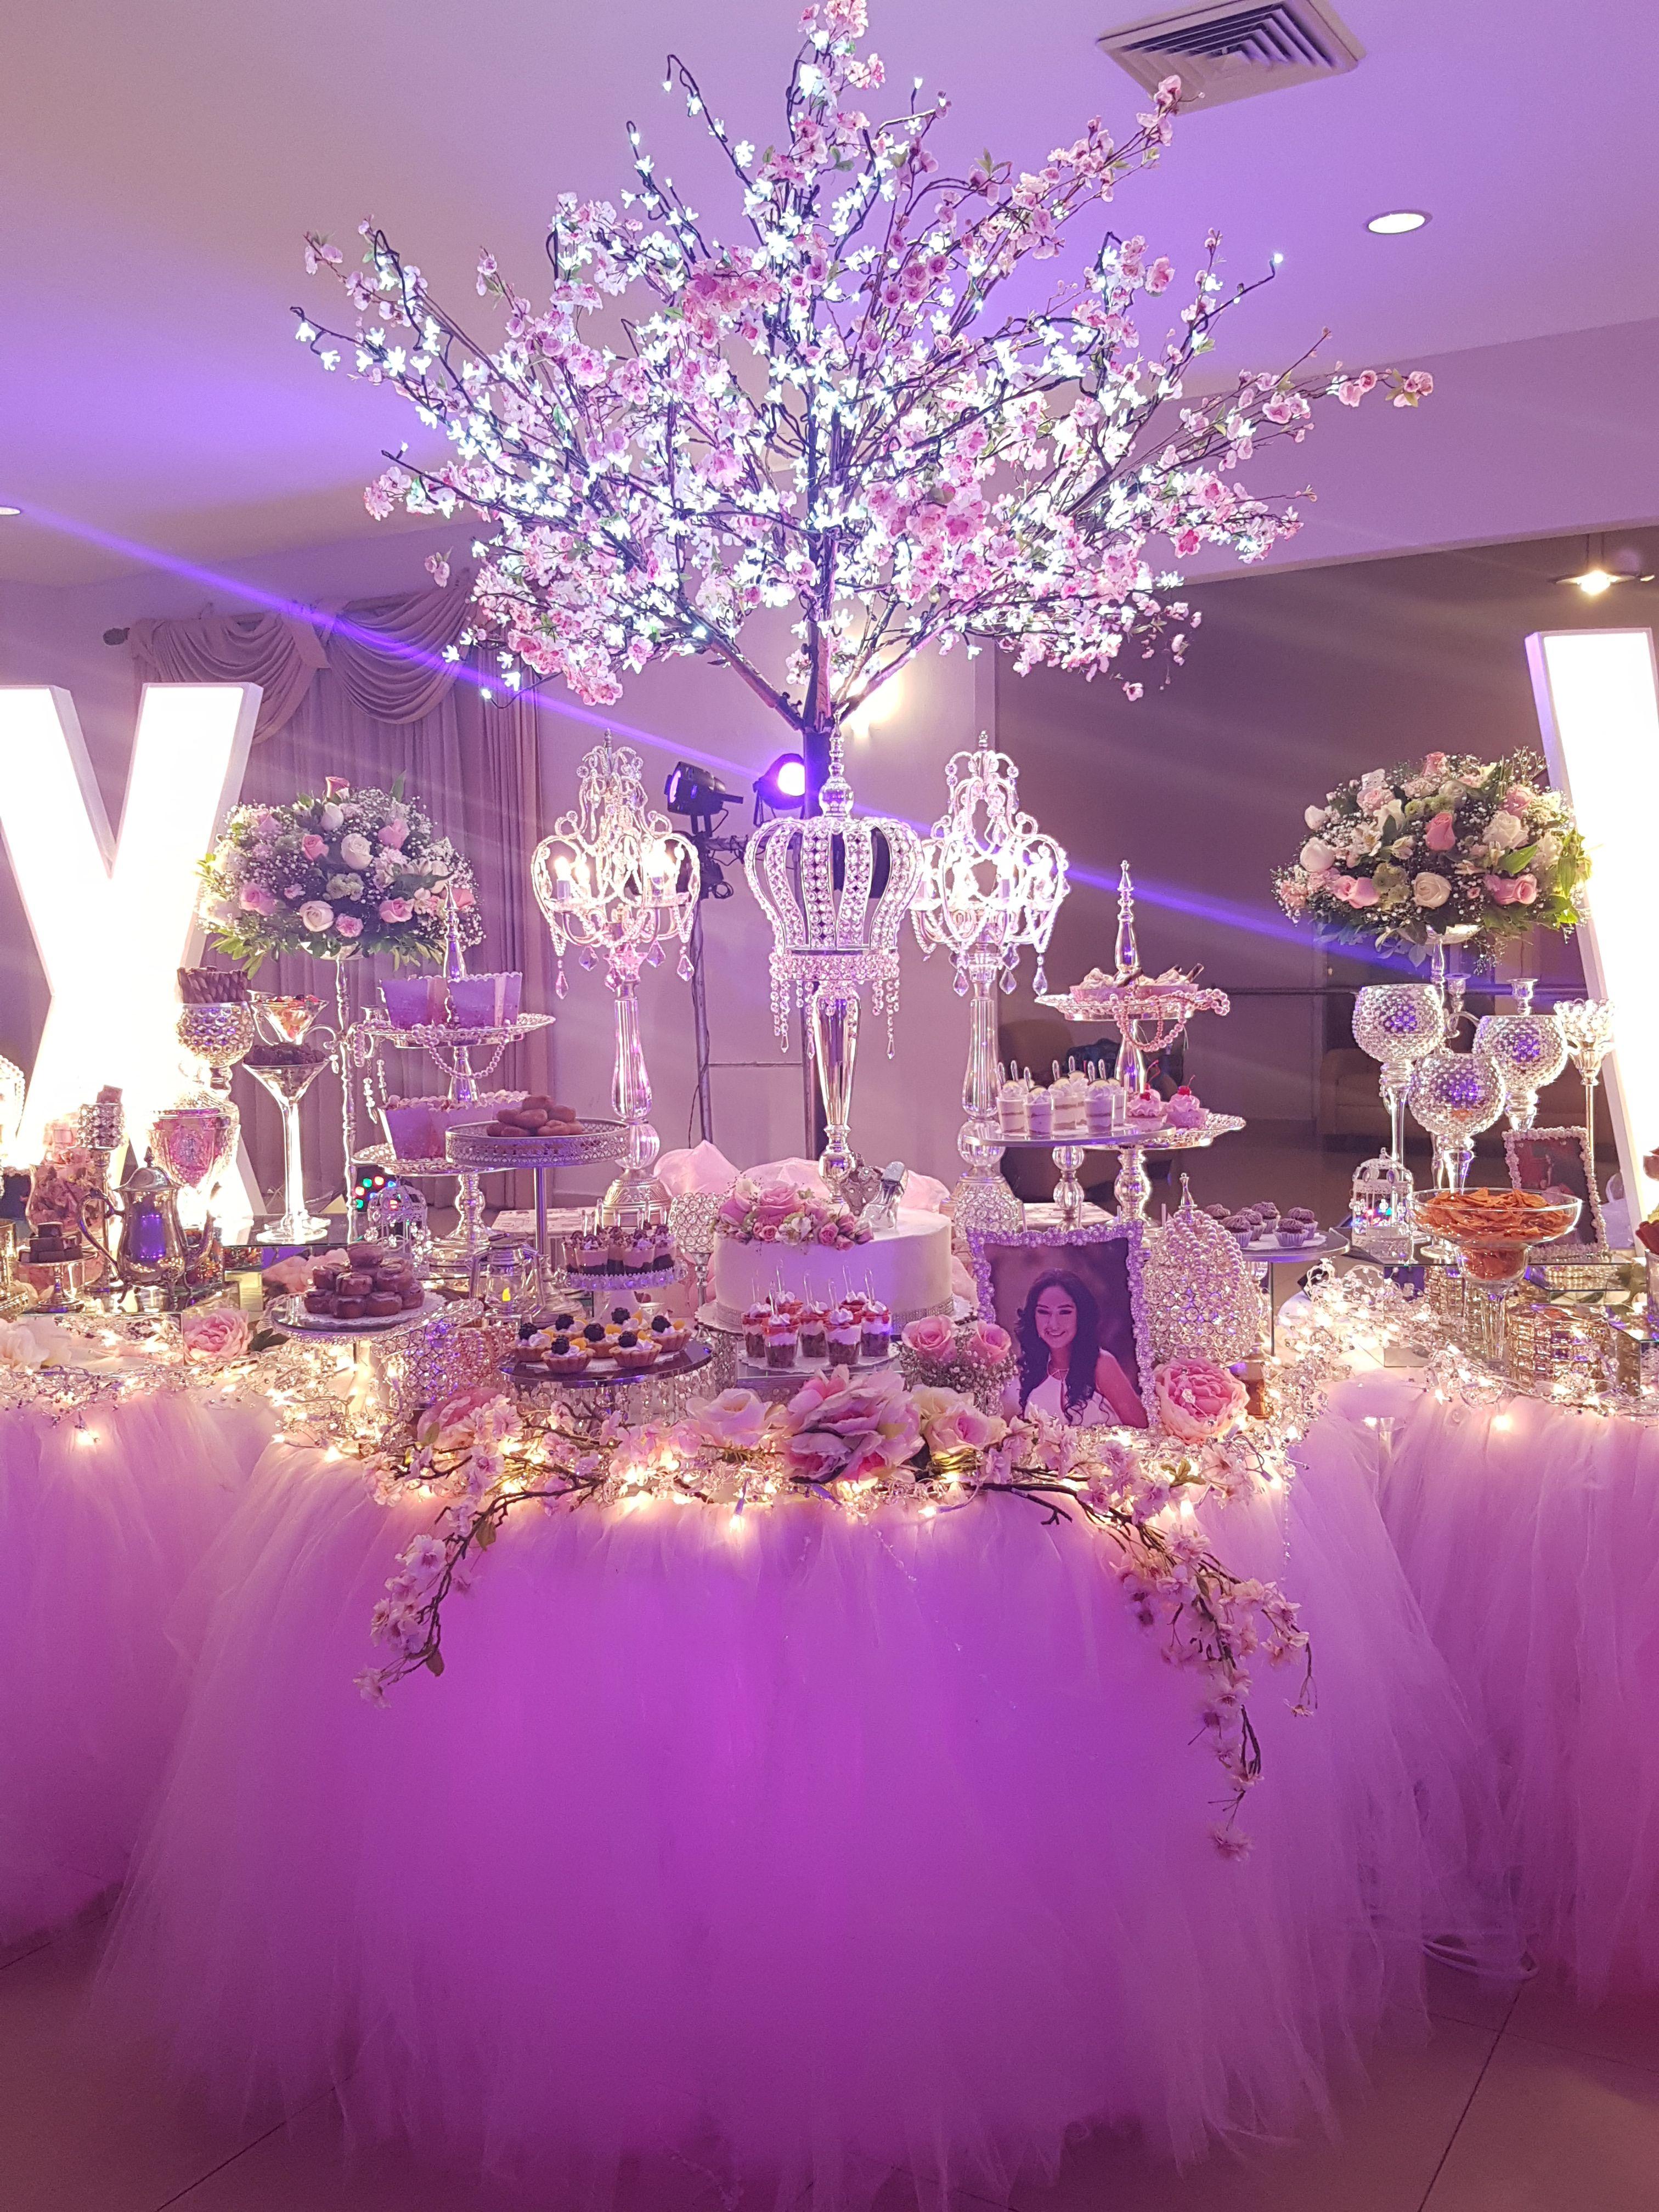 Mesas de Dulces para quince años #XV #quinceaños #quince #quinceañera  #mesaded… | Ideas de mesa de dulces, Decoracion de quinceaños, Decoraciones  de fiesta elegante